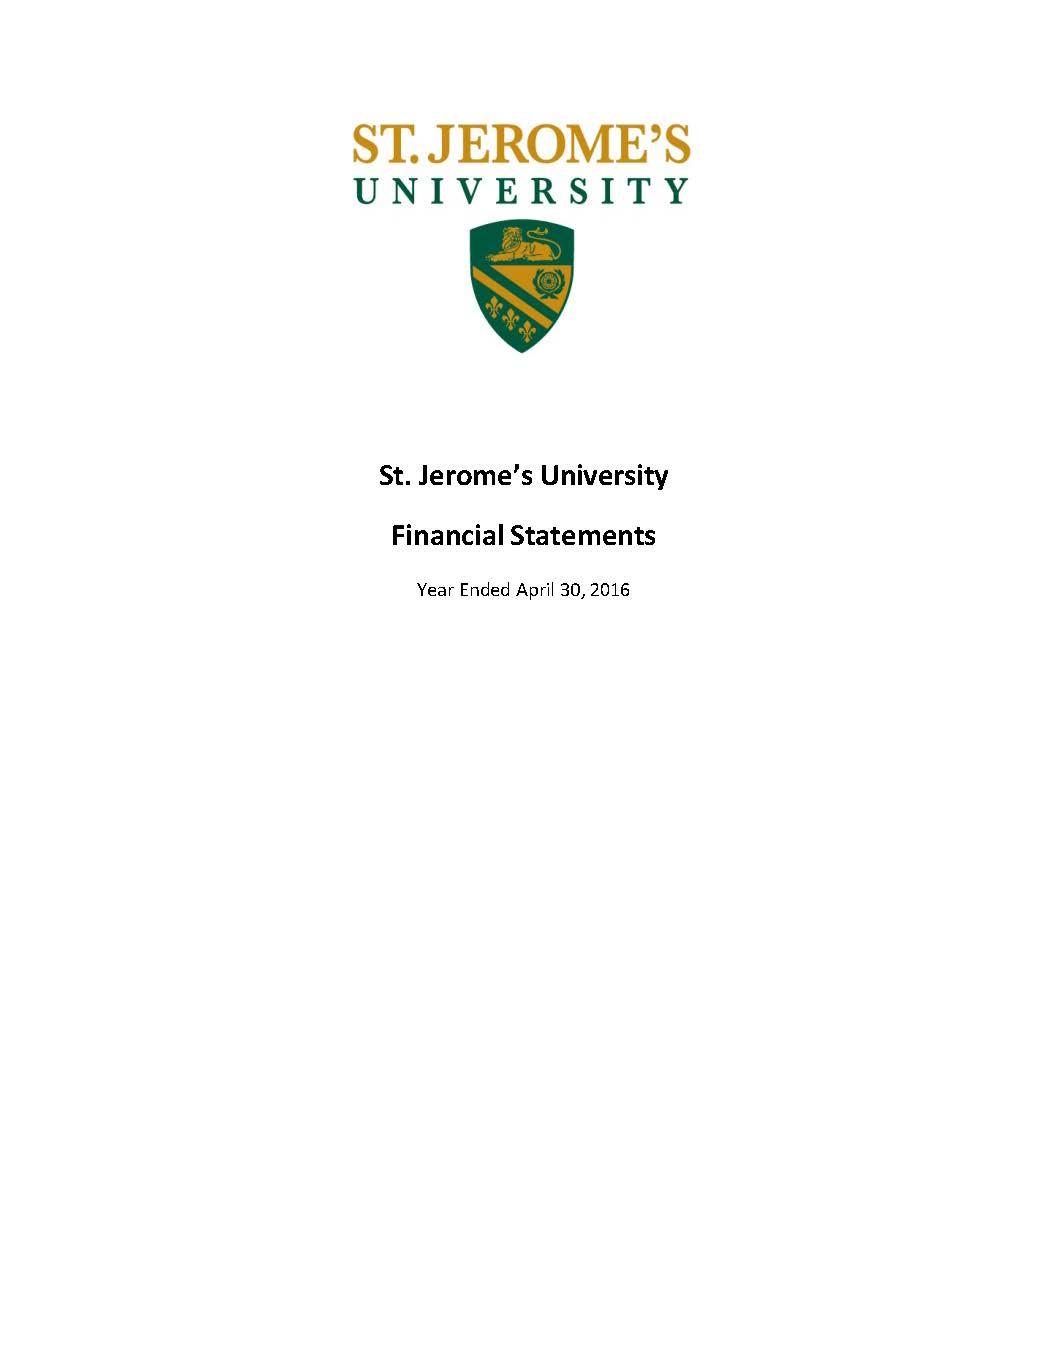 SJU Financial Statements Ending 2016